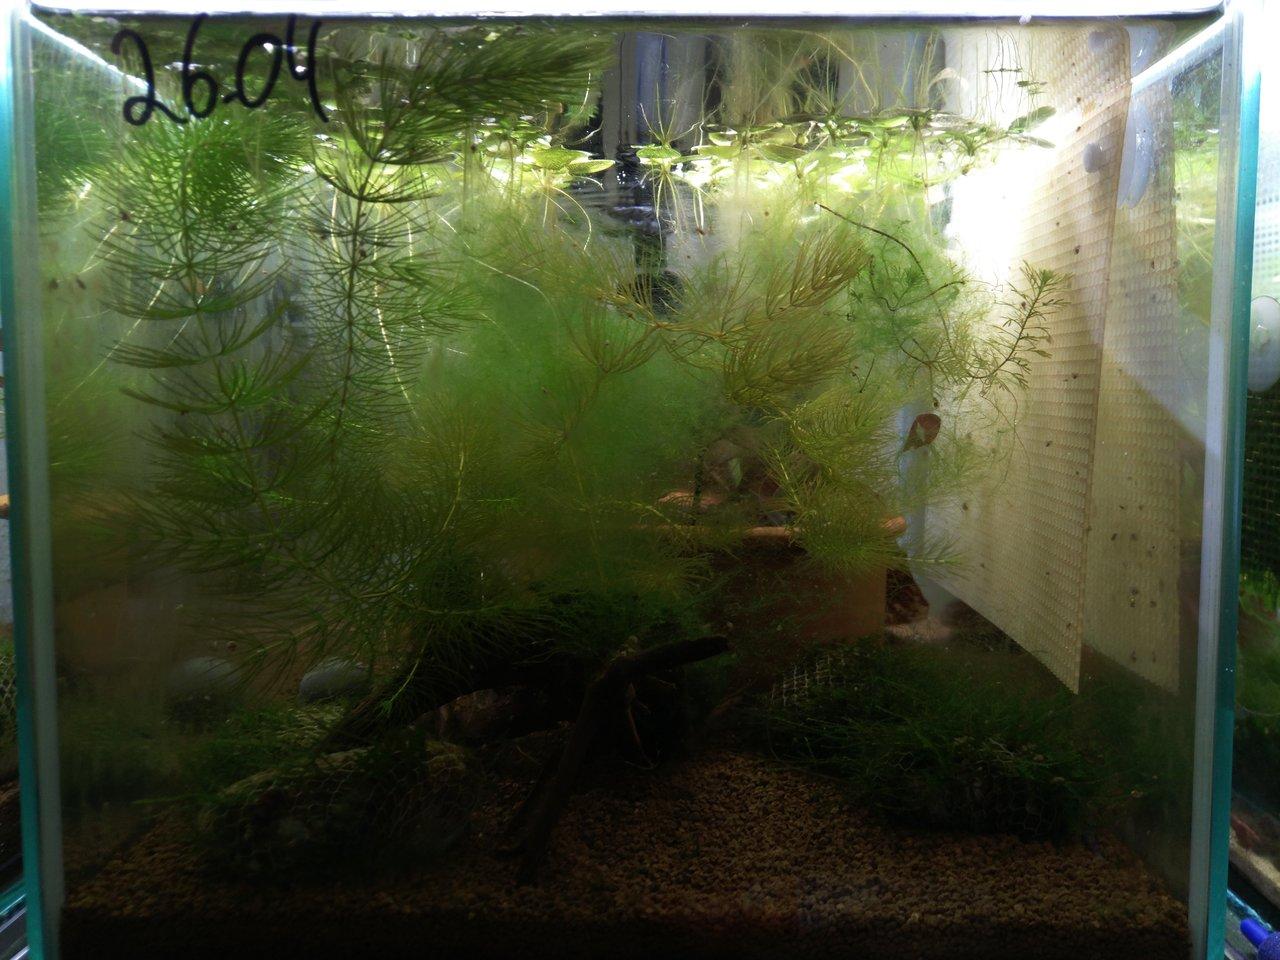 pflanzen d ngen oder nicht d ngen das ist hier die frage seite 4 aquarium forum. Black Bedroom Furniture Sets. Home Design Ideas